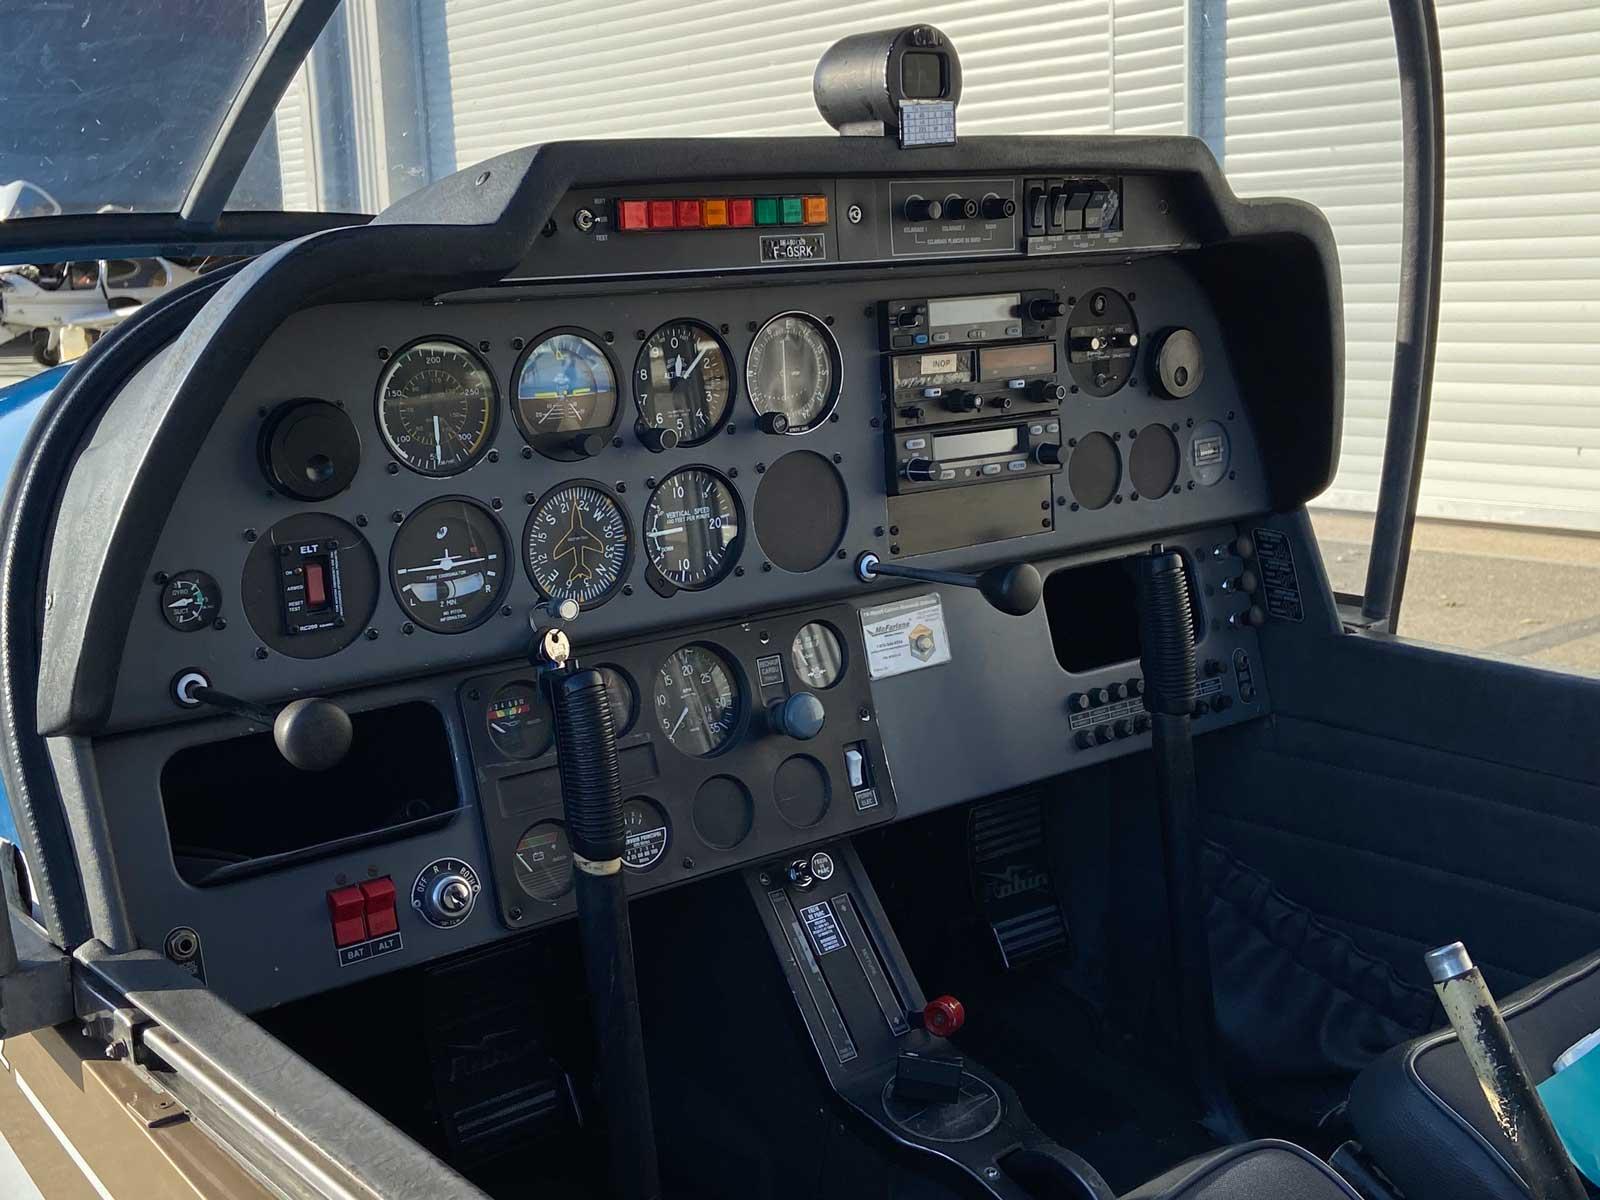 """1998 ROBIN DR 400/120 """"Dauphin 2 + 2"""" en occasion à vendre chez ATA by Pelletier à Avignon"""